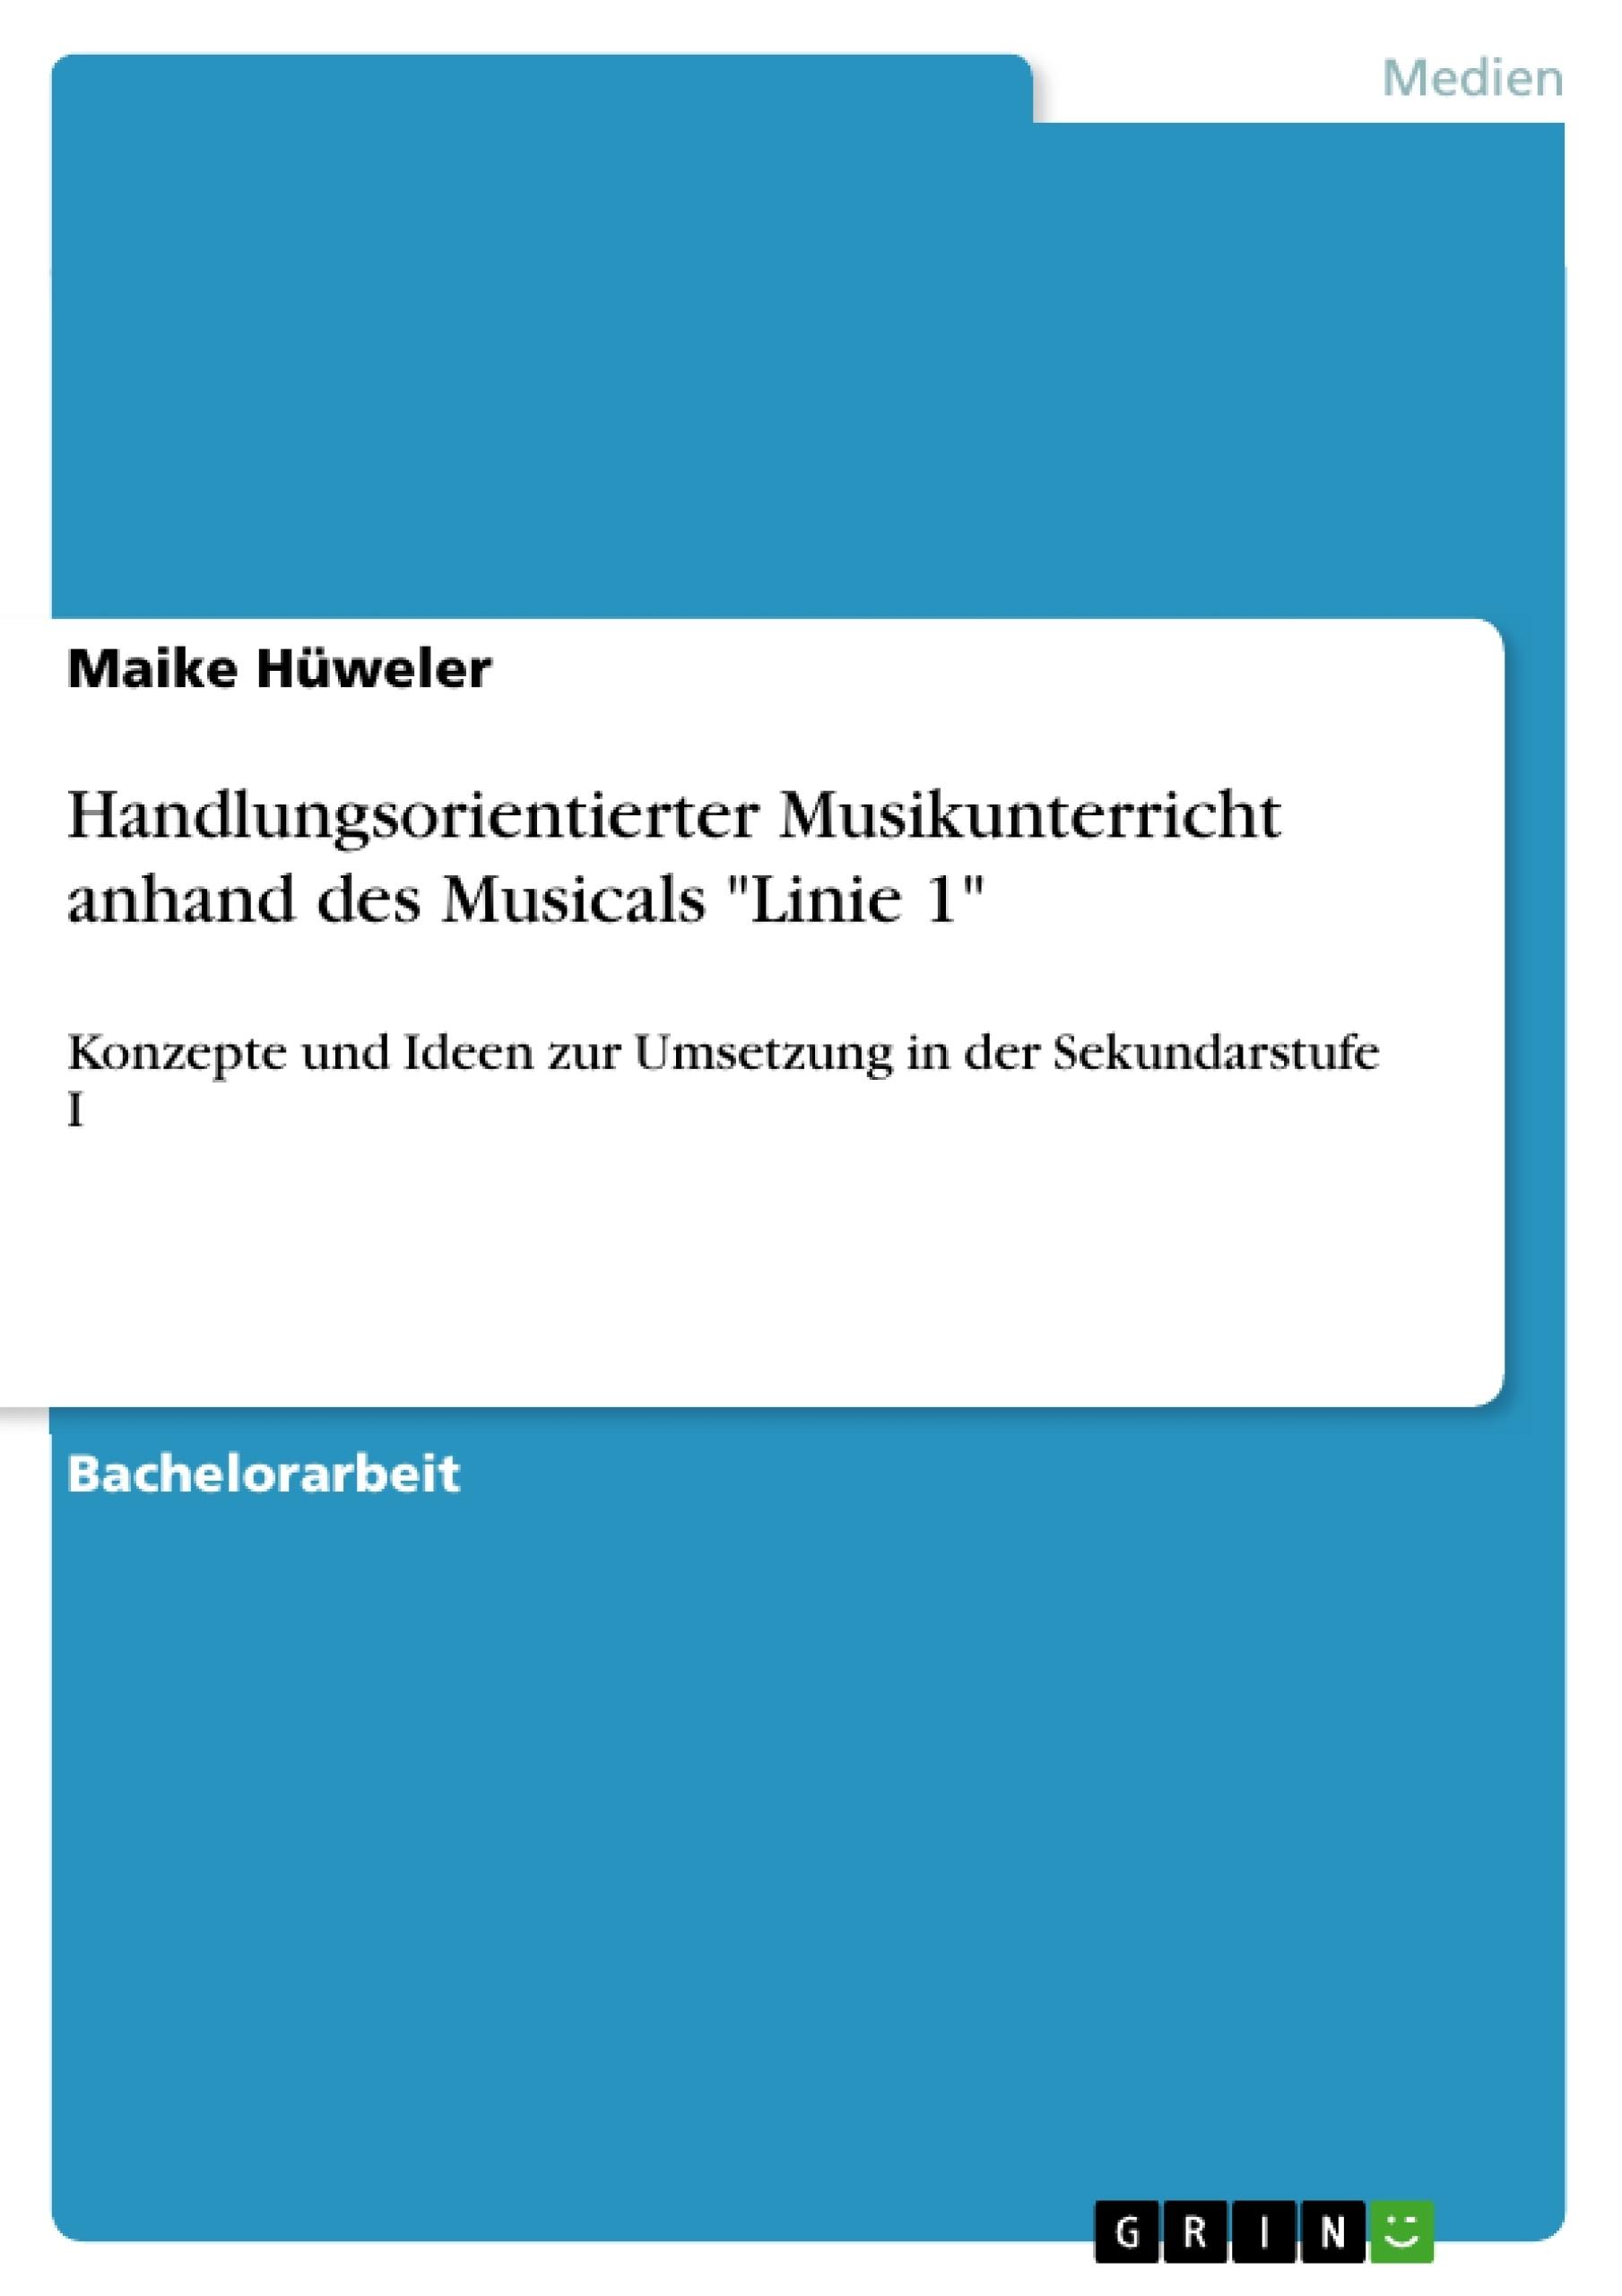 Handlungsorientierter Musikunterricht anhand des Musicals \